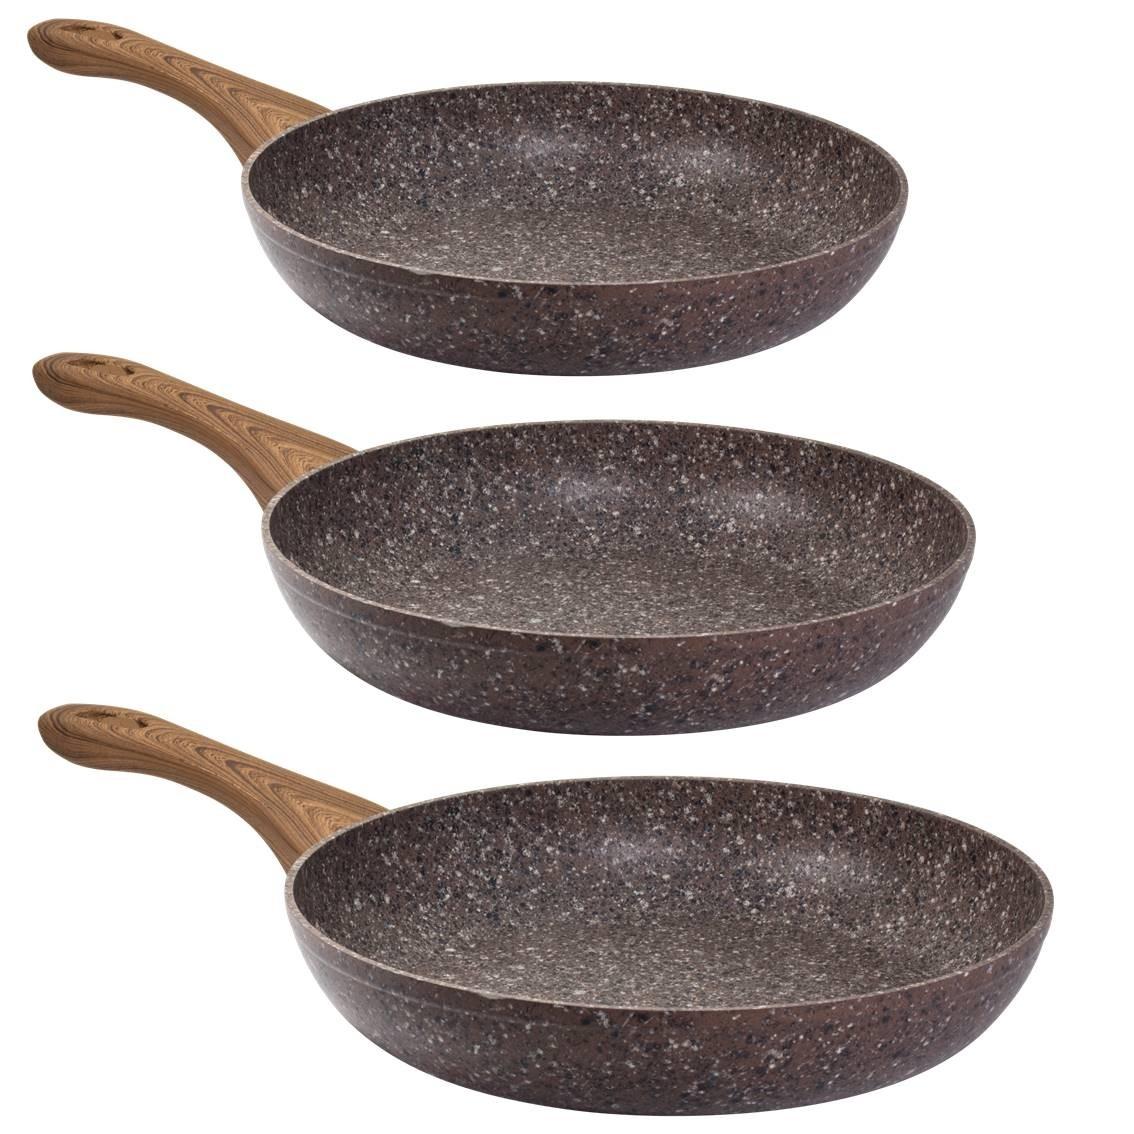 STEINFURT 3 - tlg Pfannenset, Granit - Braun